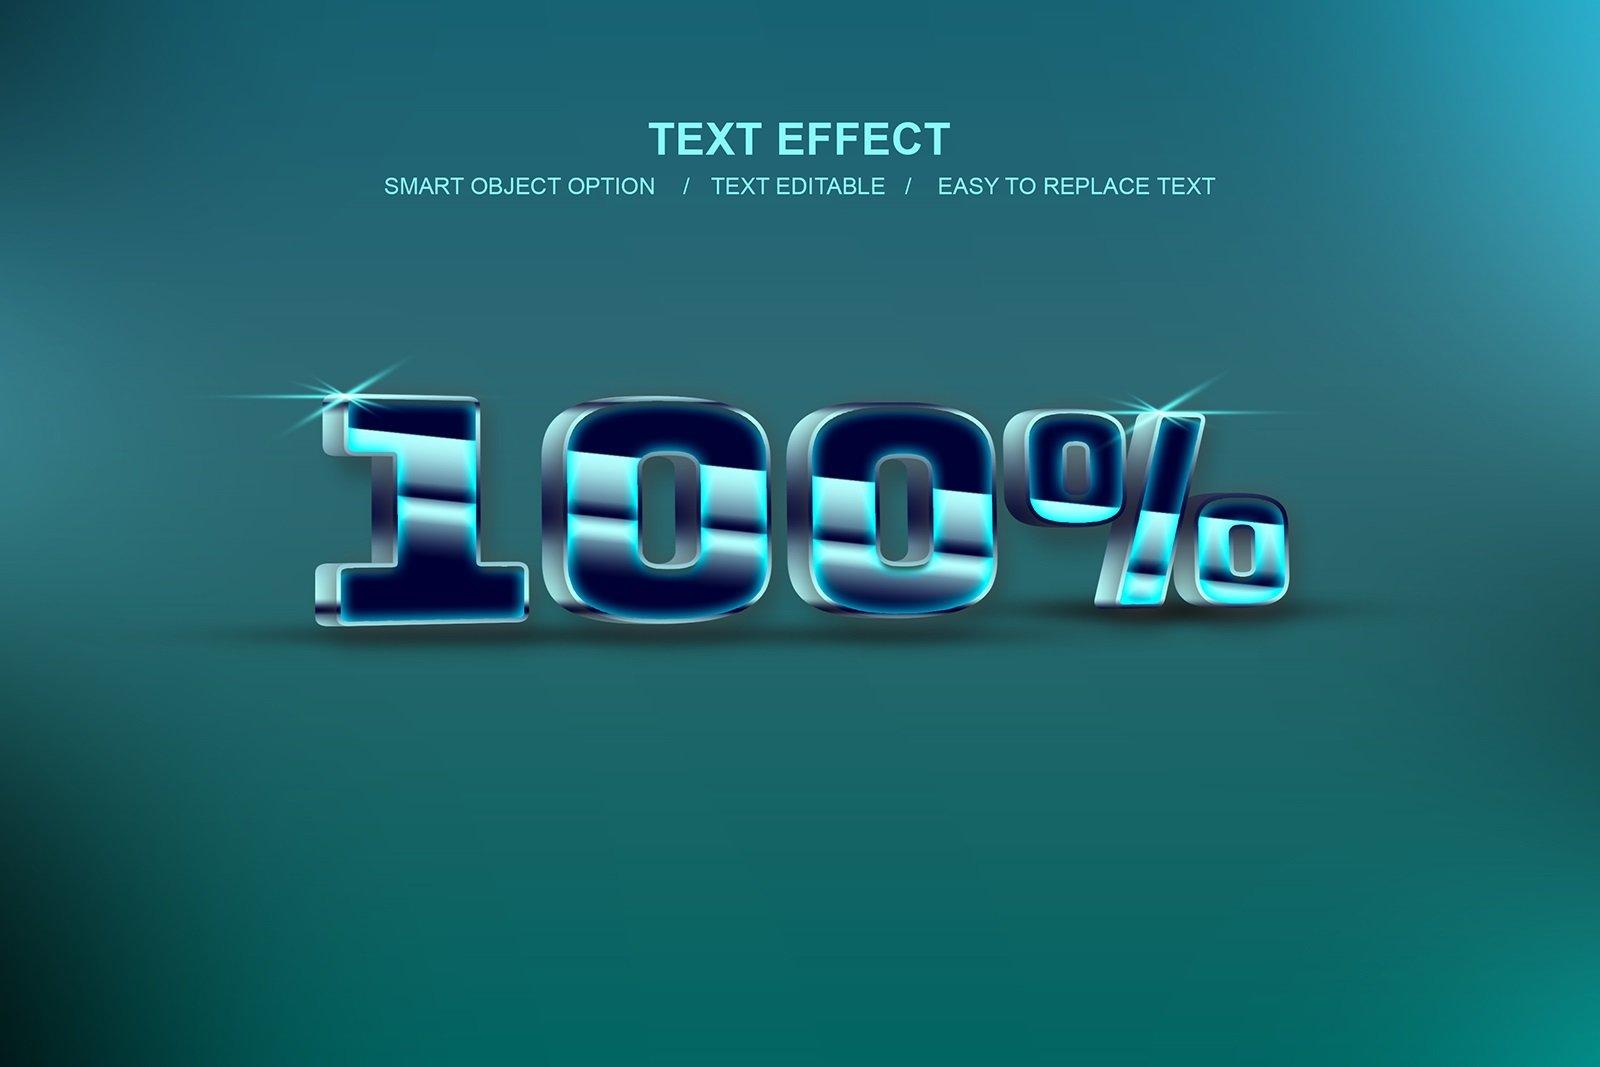 30款故障金属3D立体标题字体设计PS样式模板素材 Photoshop Layer Style Bundle插图(13)